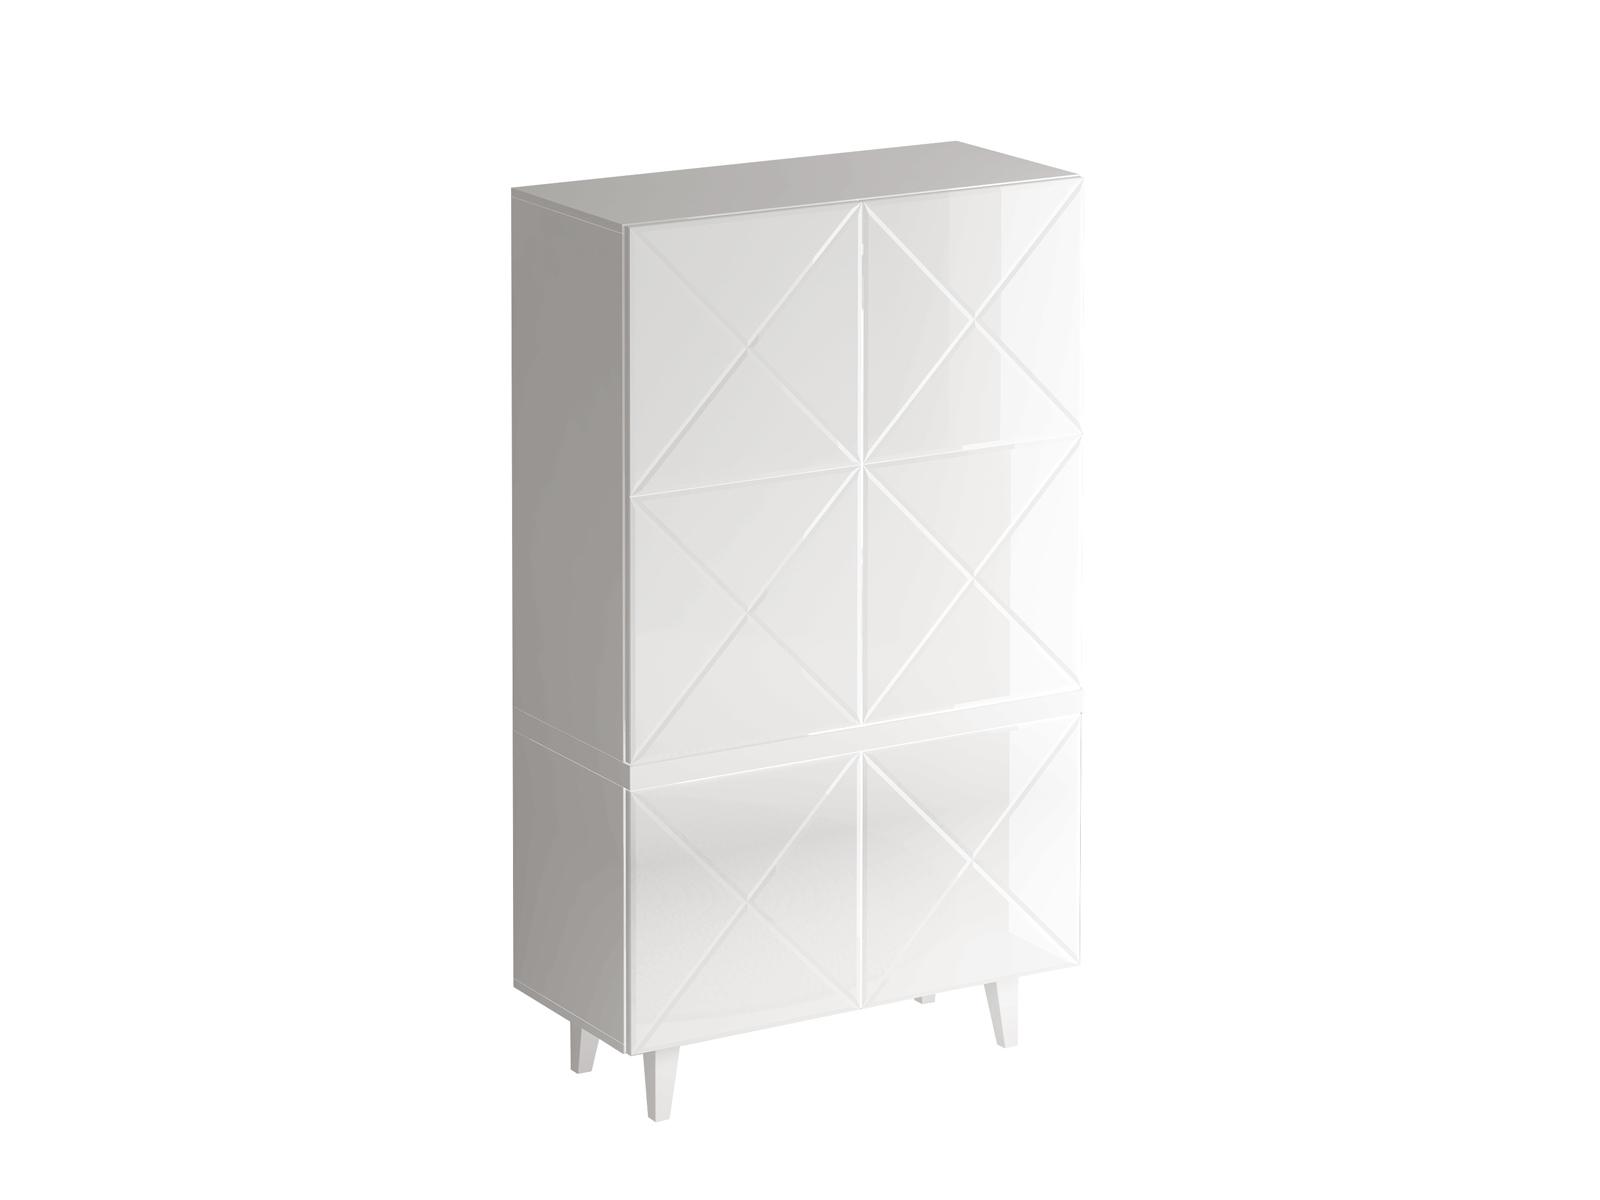 Шкаф KristalБельевые шкафы<br>Шкаф комбинированный для гостиной.Дверцы открываются по принципу «нажал - открыл».Фасад - стекло белое<br><br><br>kit: None<br>gender: None